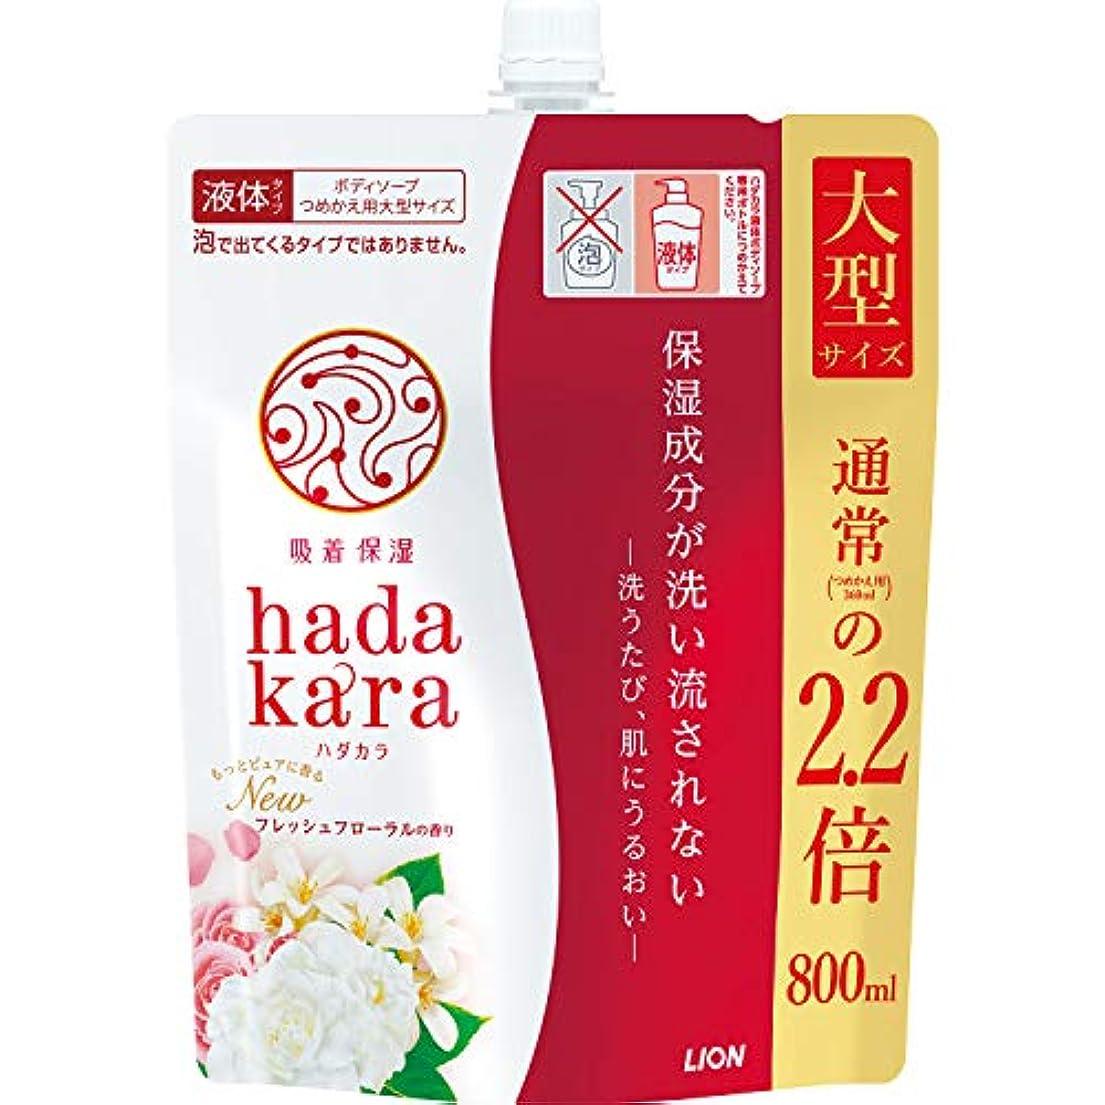 委任するピンミュージカルhadakara(ハダカラ) ボディソープ フレッシュフローラルの香り つめかえ用大型サイズ 800ml